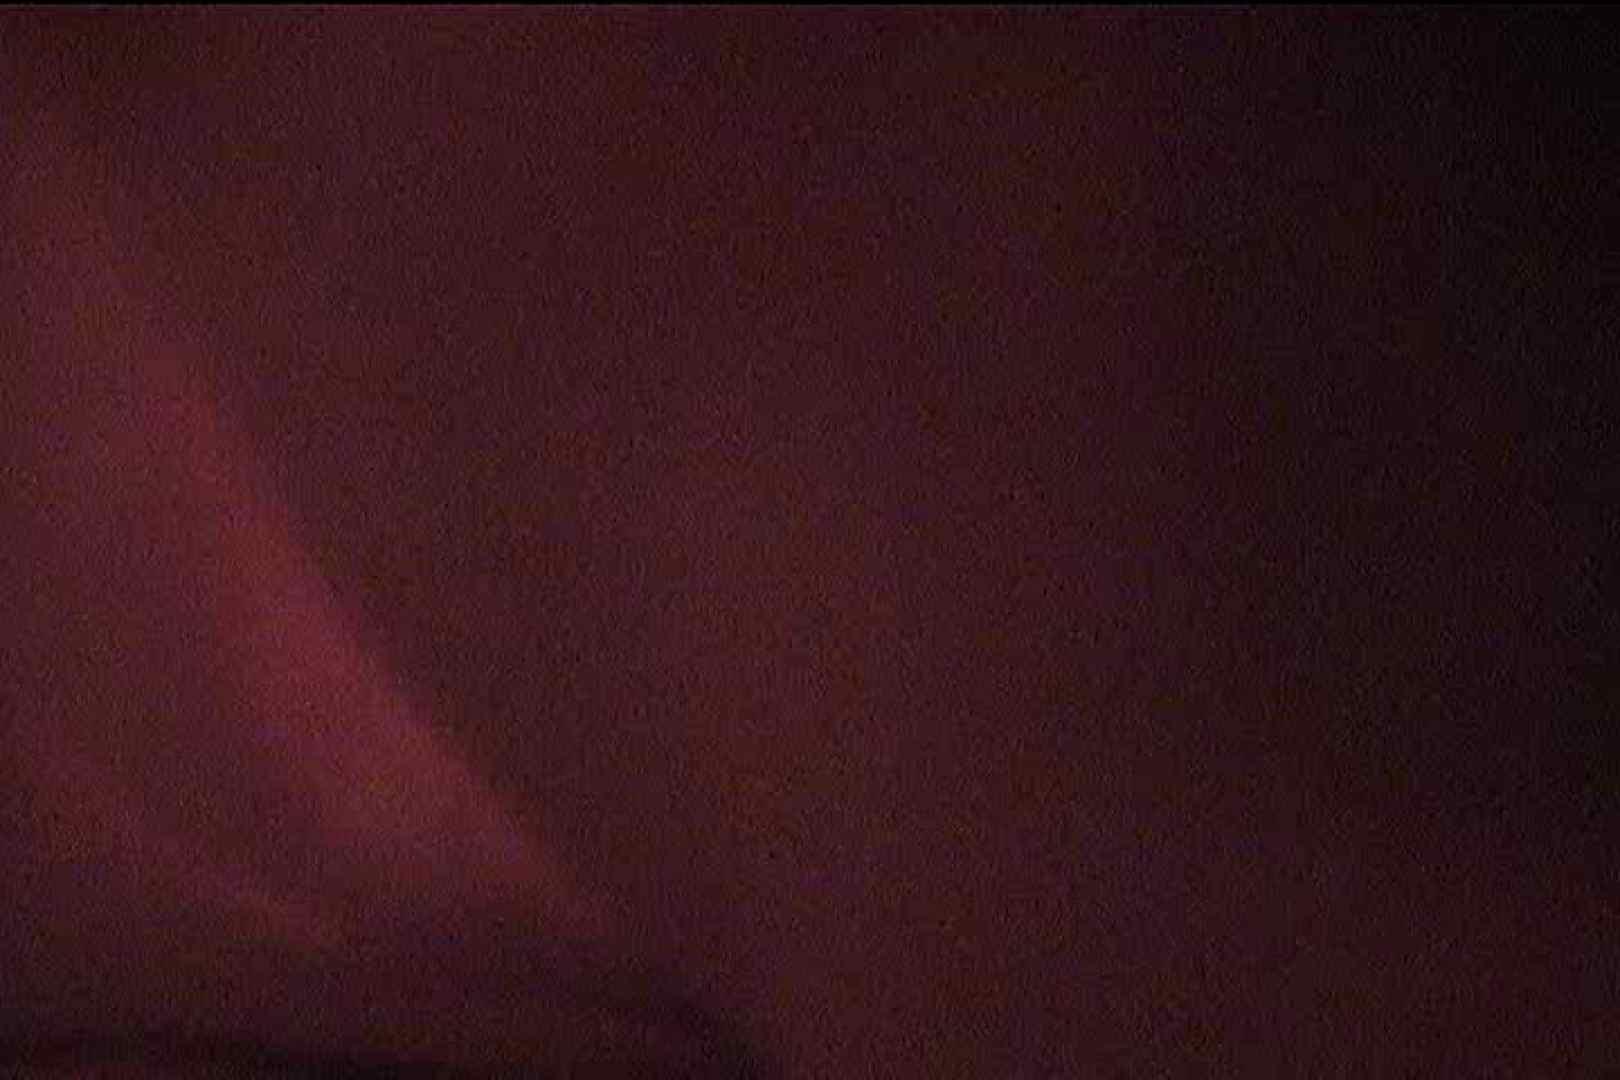 いっくんの調教シリーズ 「函館の女20歳 みゆ」&「ナース25歳ちさと」 ナースの実態   0  20pic 7